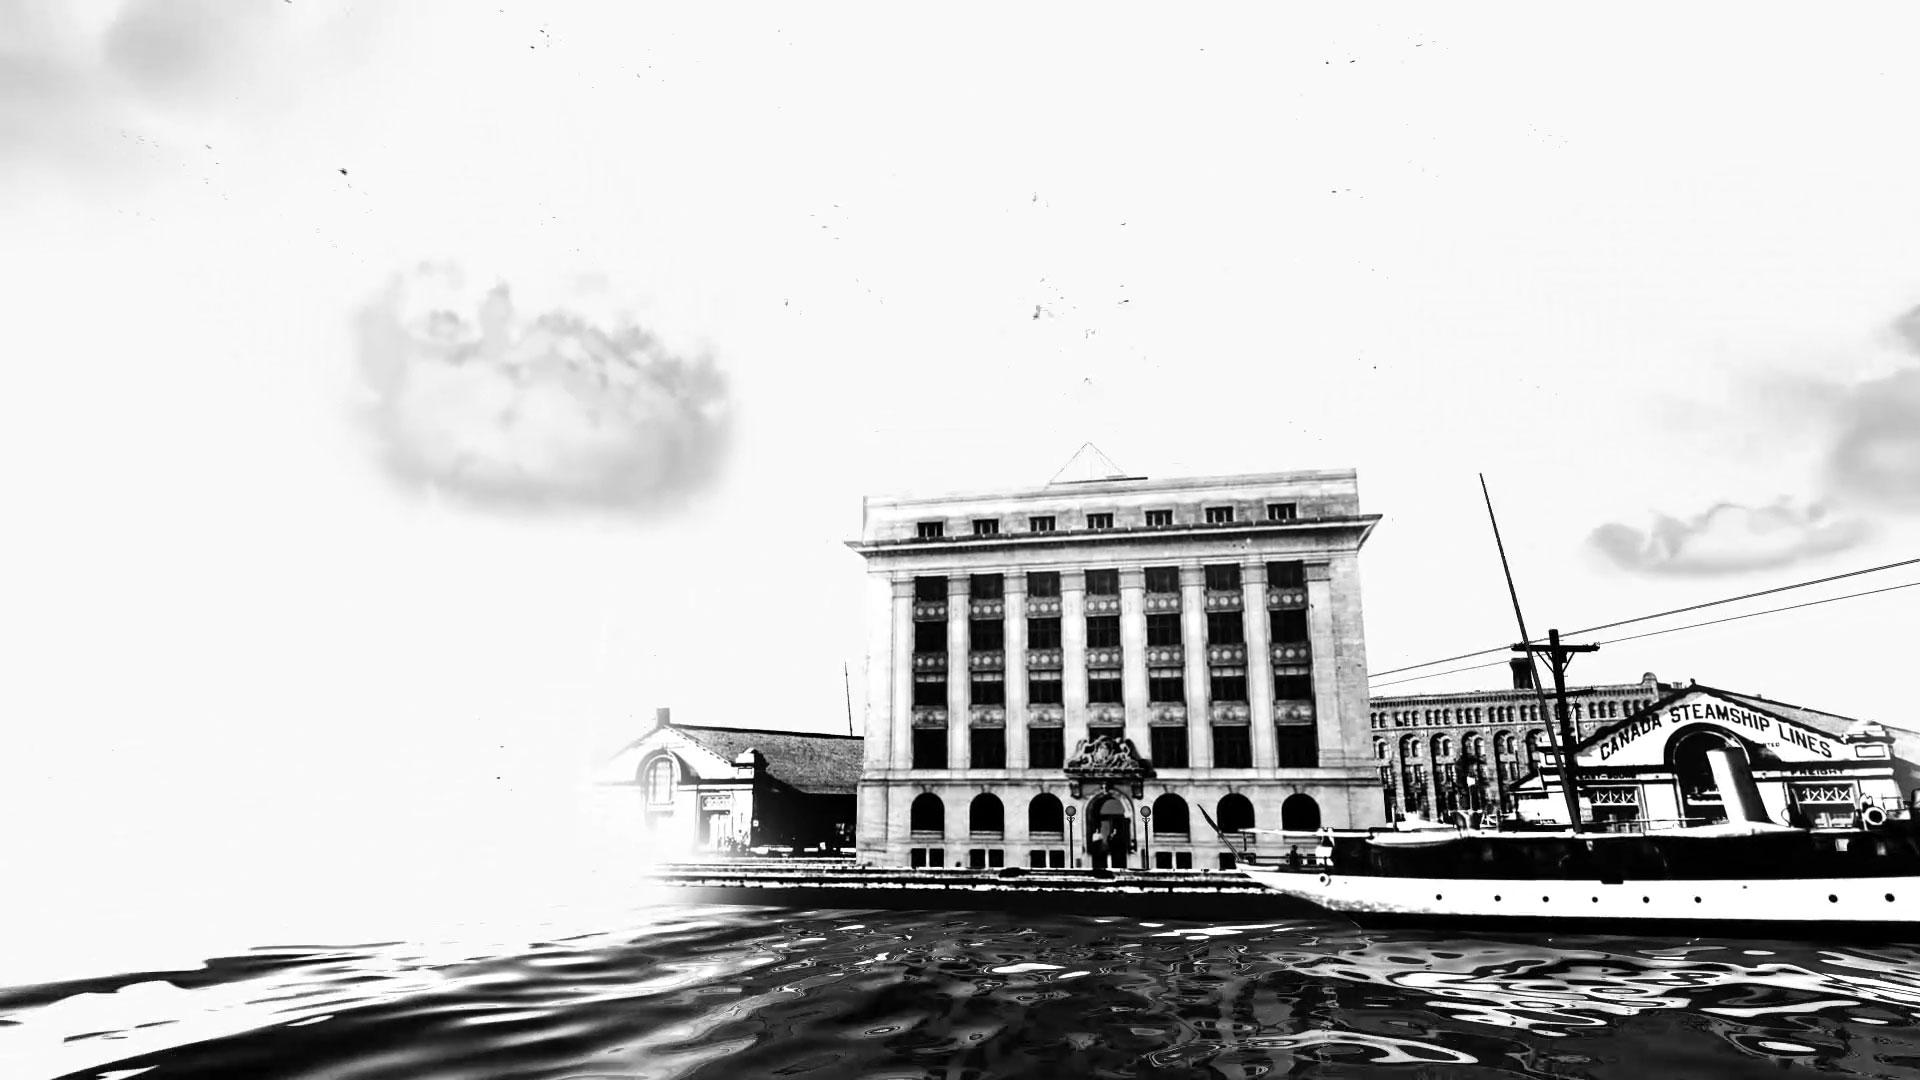 Toronto port authority building